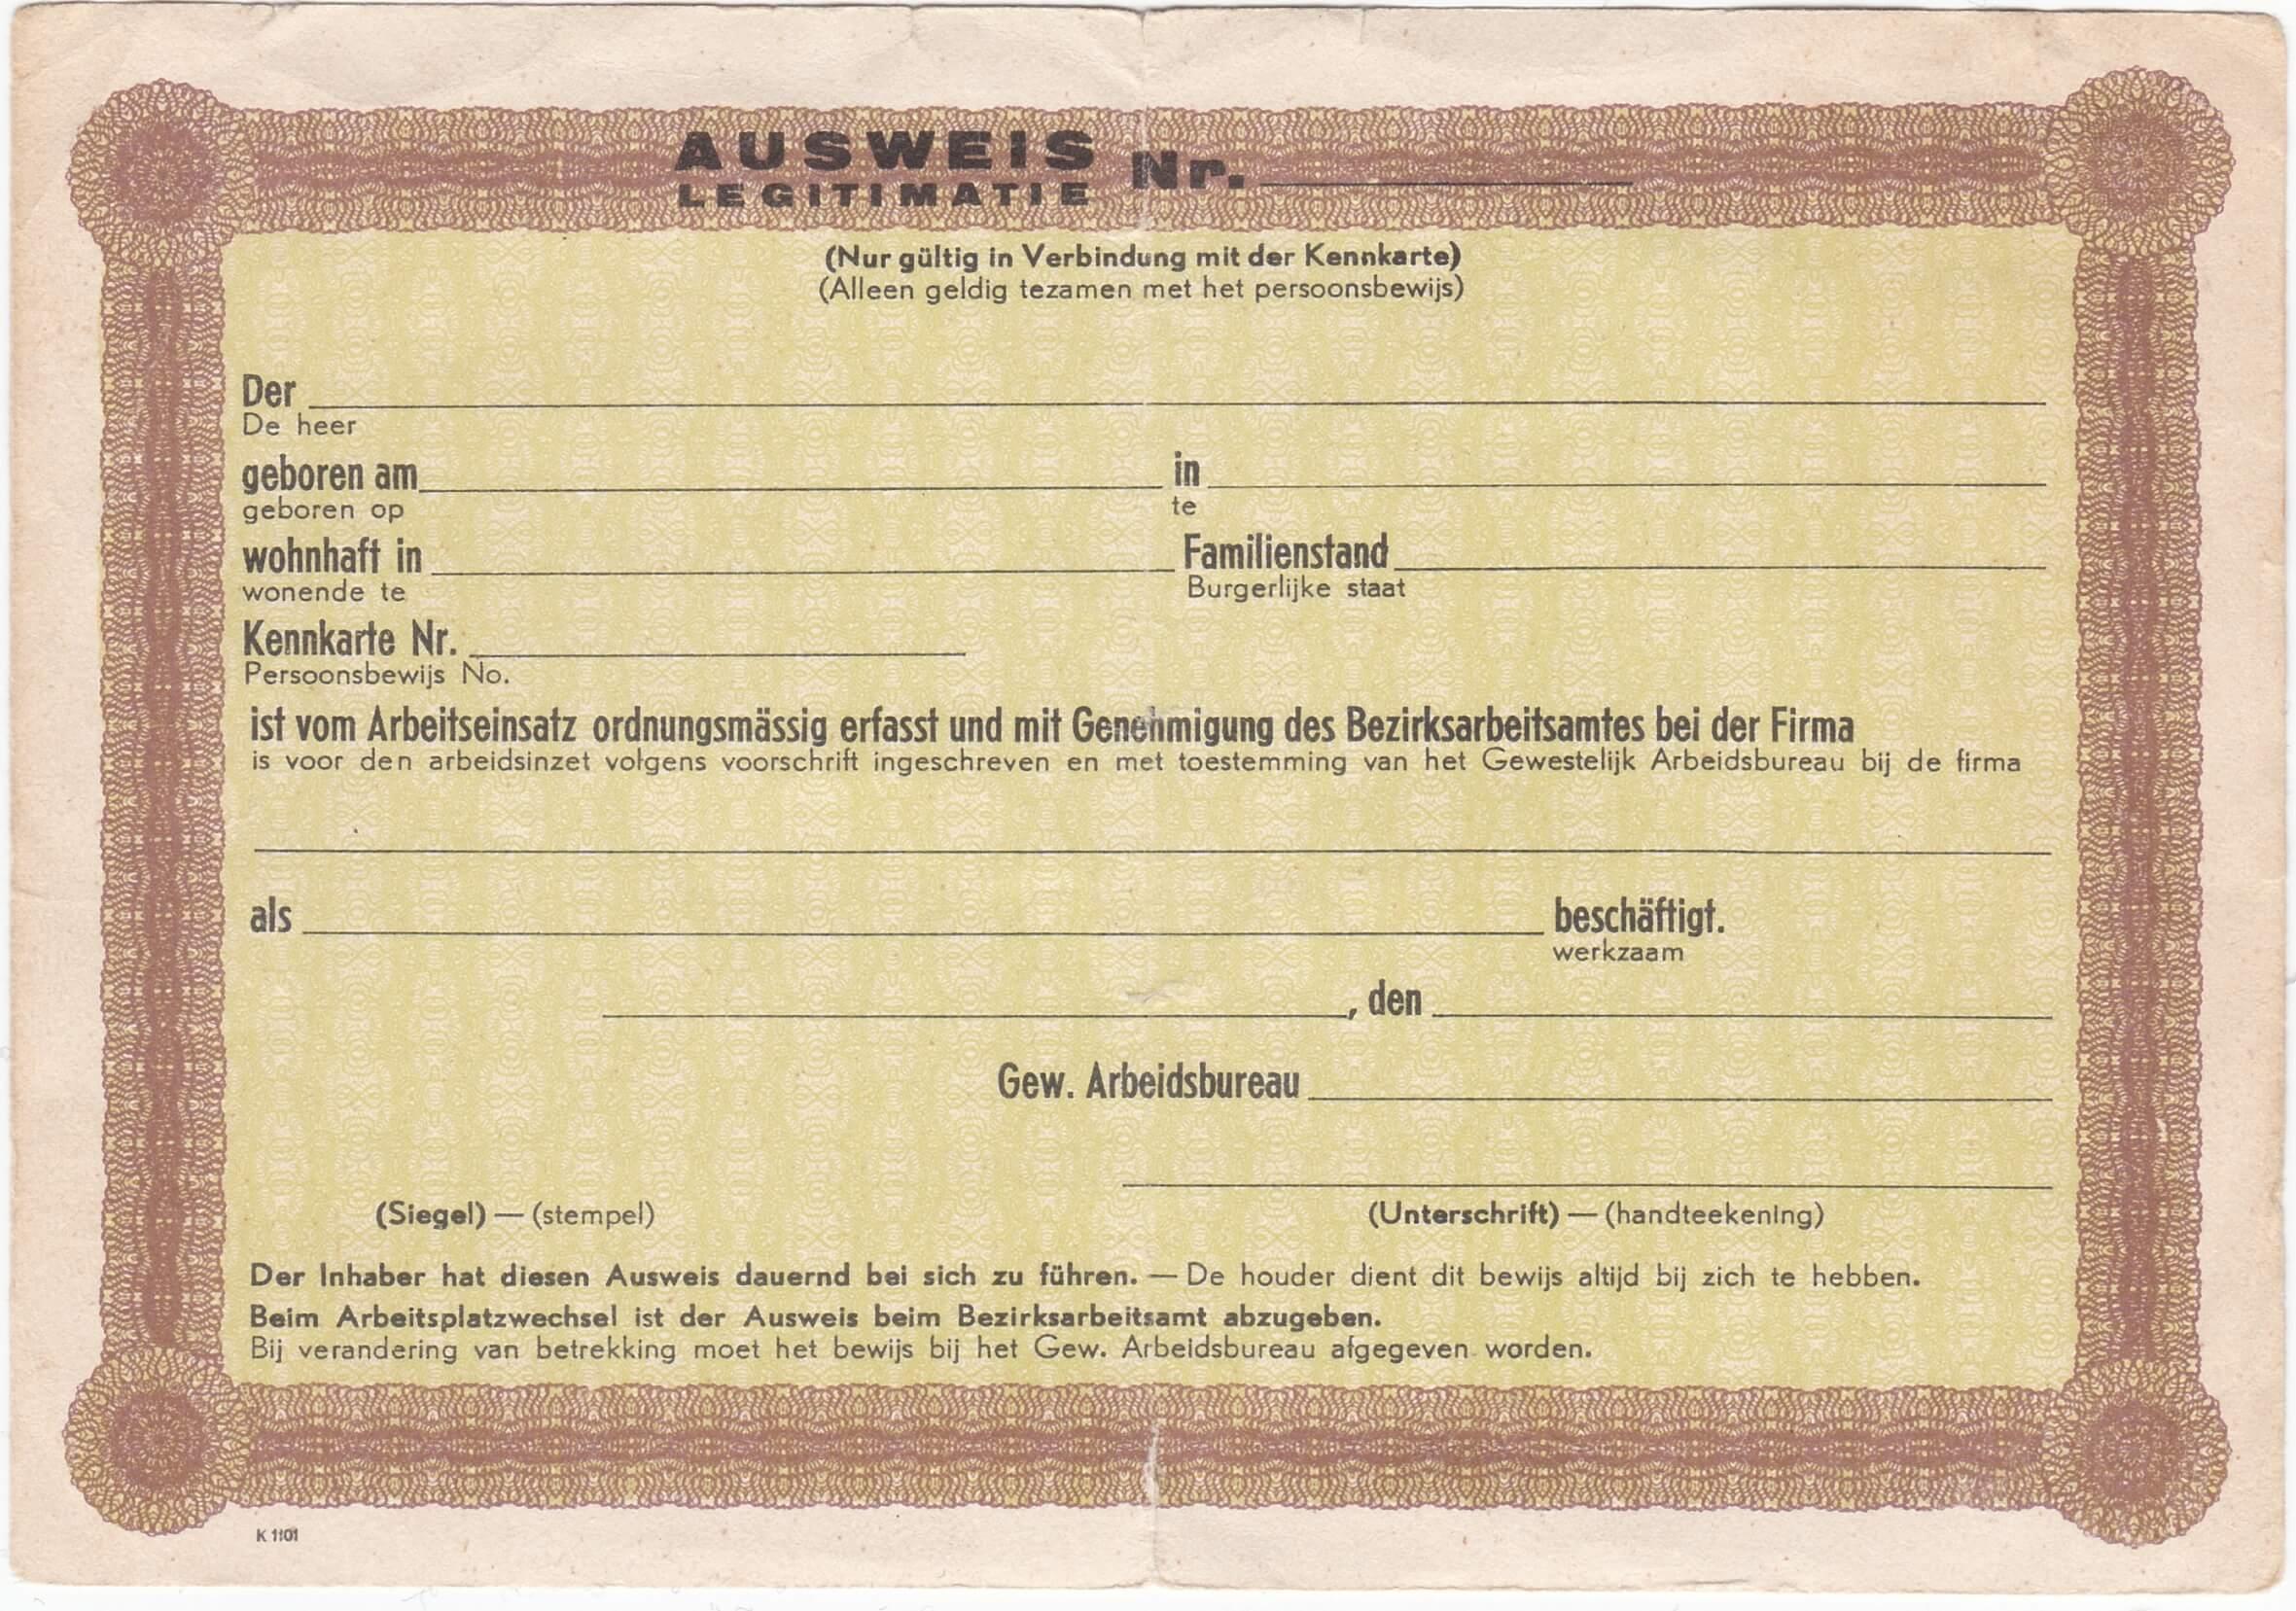 Ausweis uit de tweede wereldoorlog